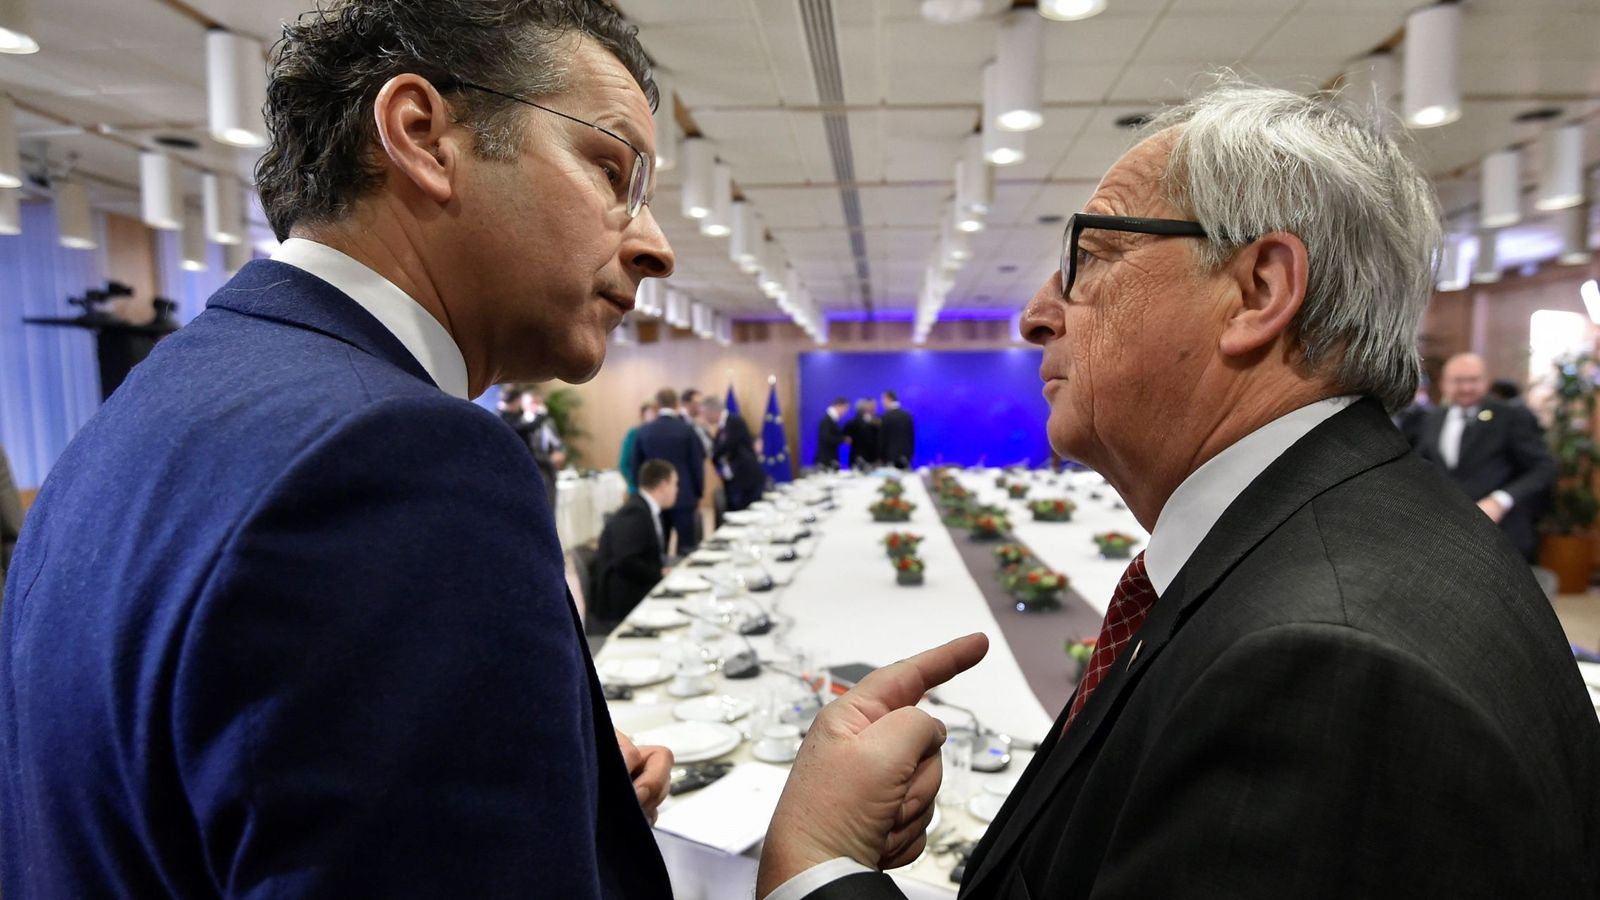 Foto: El presidente de la Comisión Europea, Jean Claude Juncker (d), conversa con el presidente del Eurogrupo, Jeroen Dijsselbloem, en la cumbre de Bruselas. (EFE)